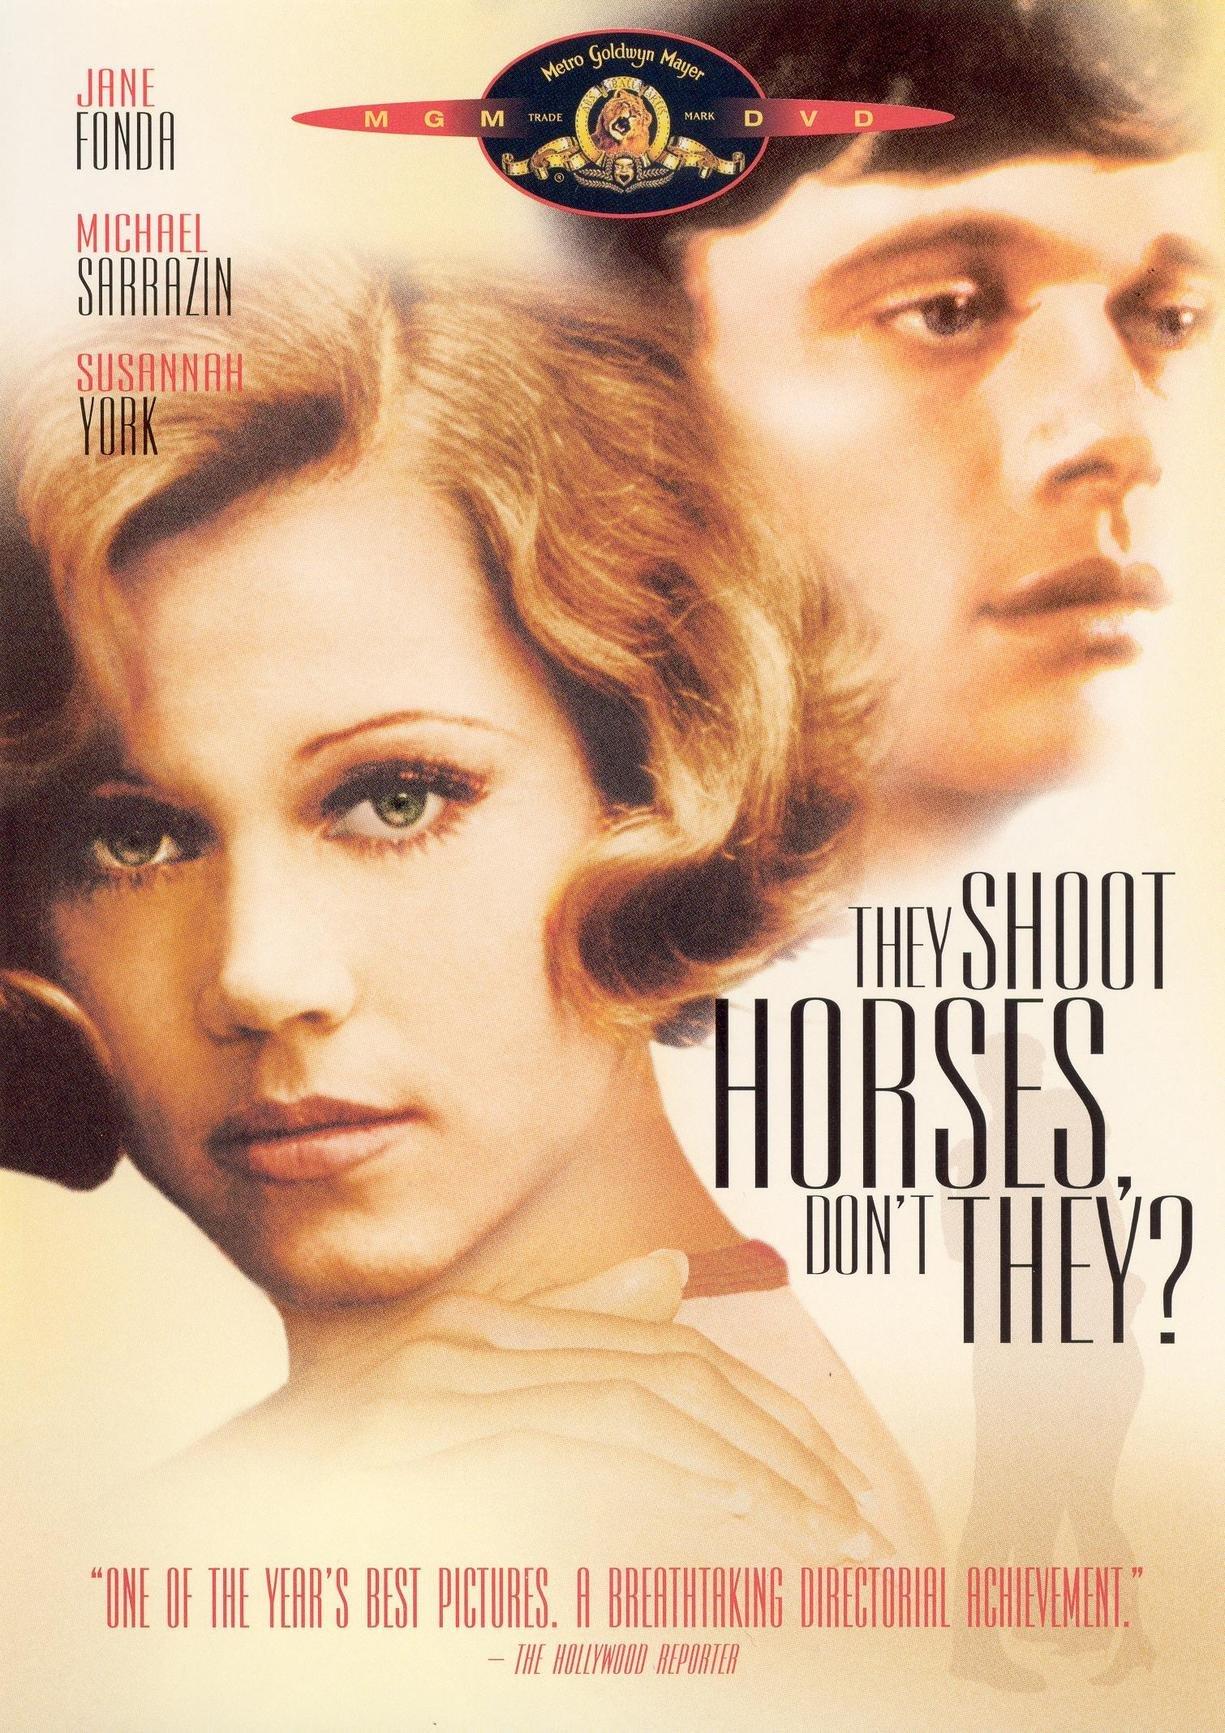 გადენილ ცხენებს ესვრიან, სიმართლეა ? / They Shoot Horses, Don't They?